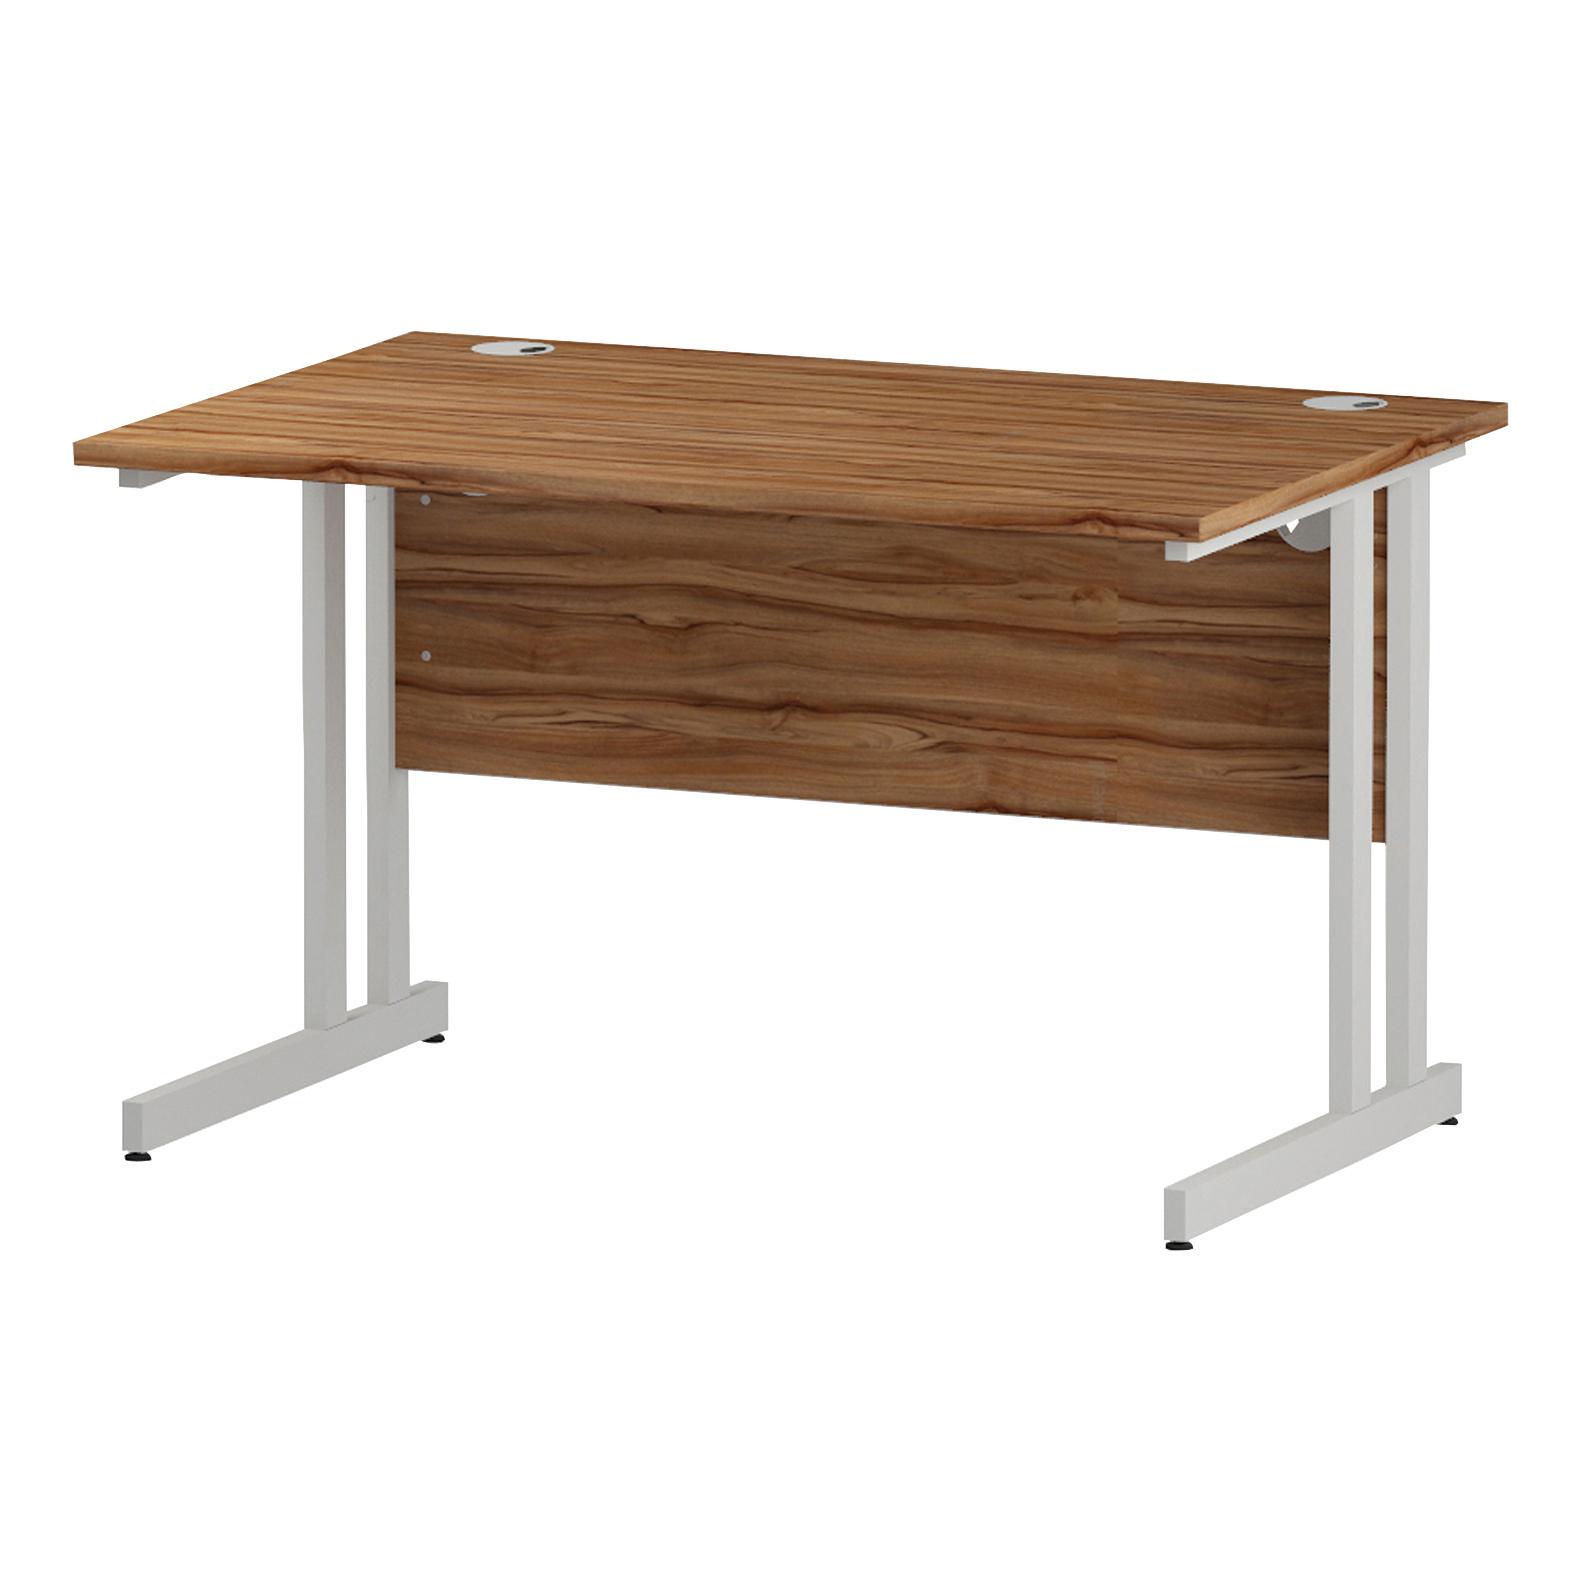 Trexus Rectangular Desk White Cantilever Leg 1200x800mm Walnut Ref I001905